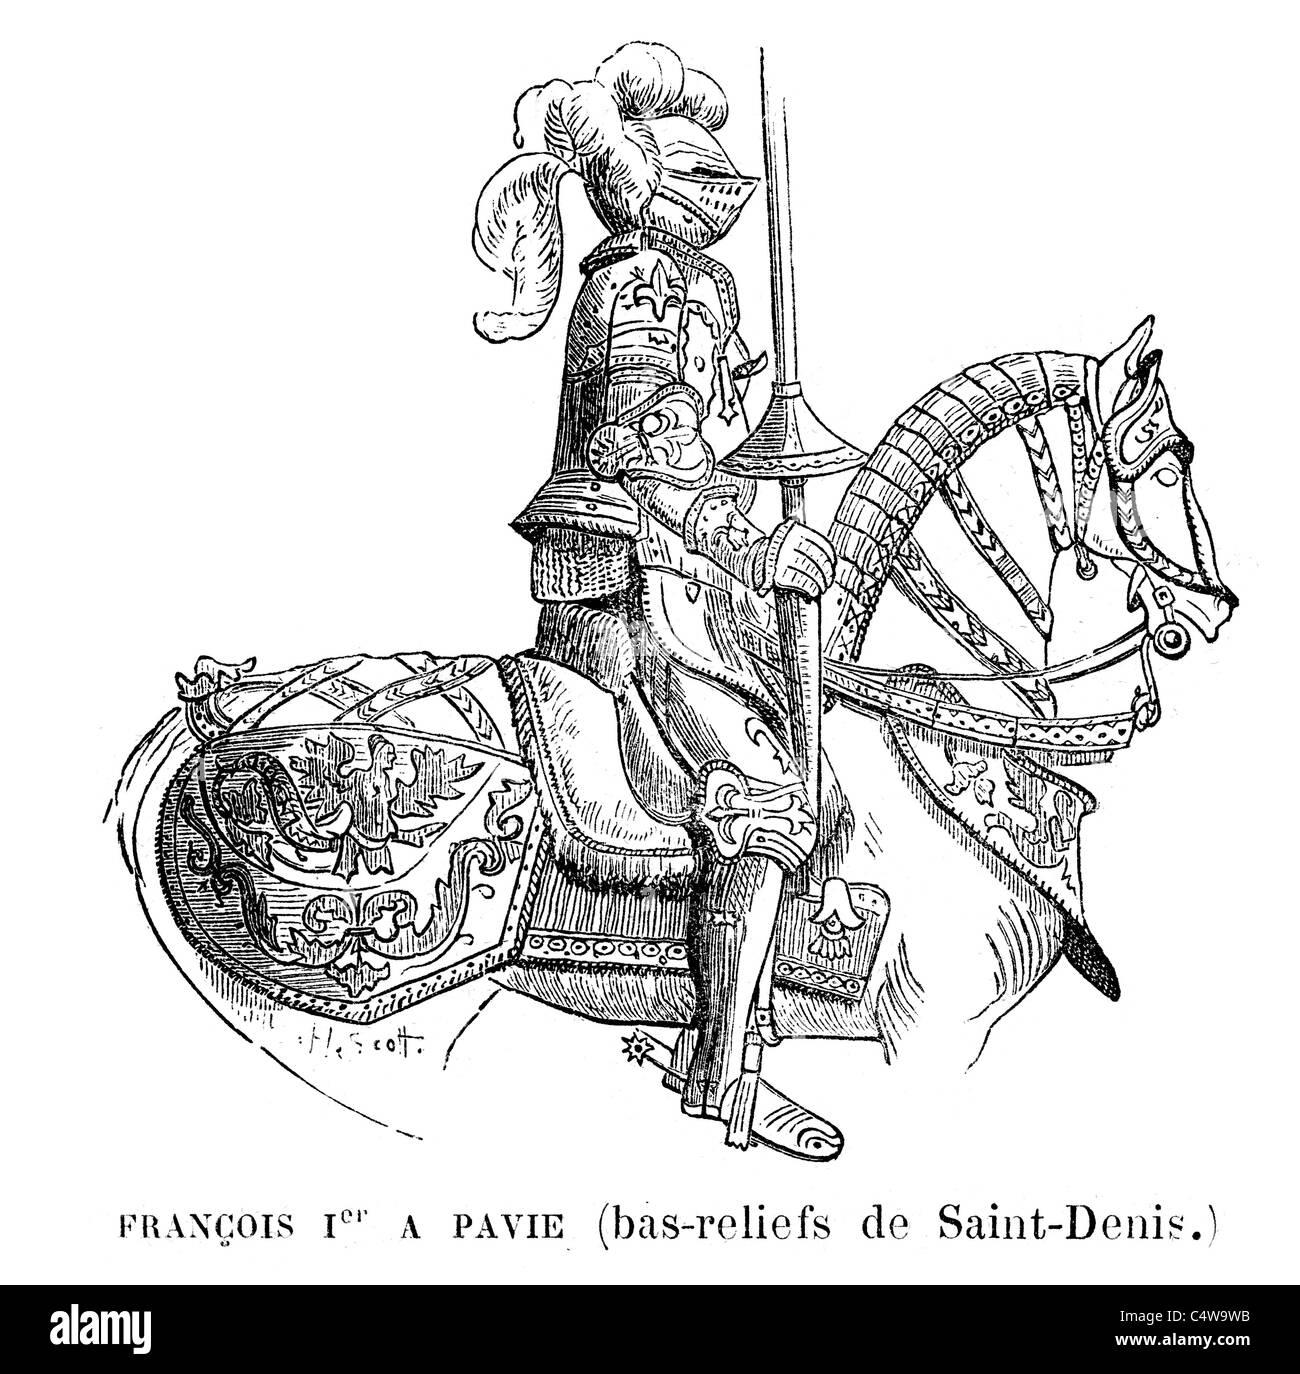 King Francois I of France in full plate armour on horseback - Stock Image